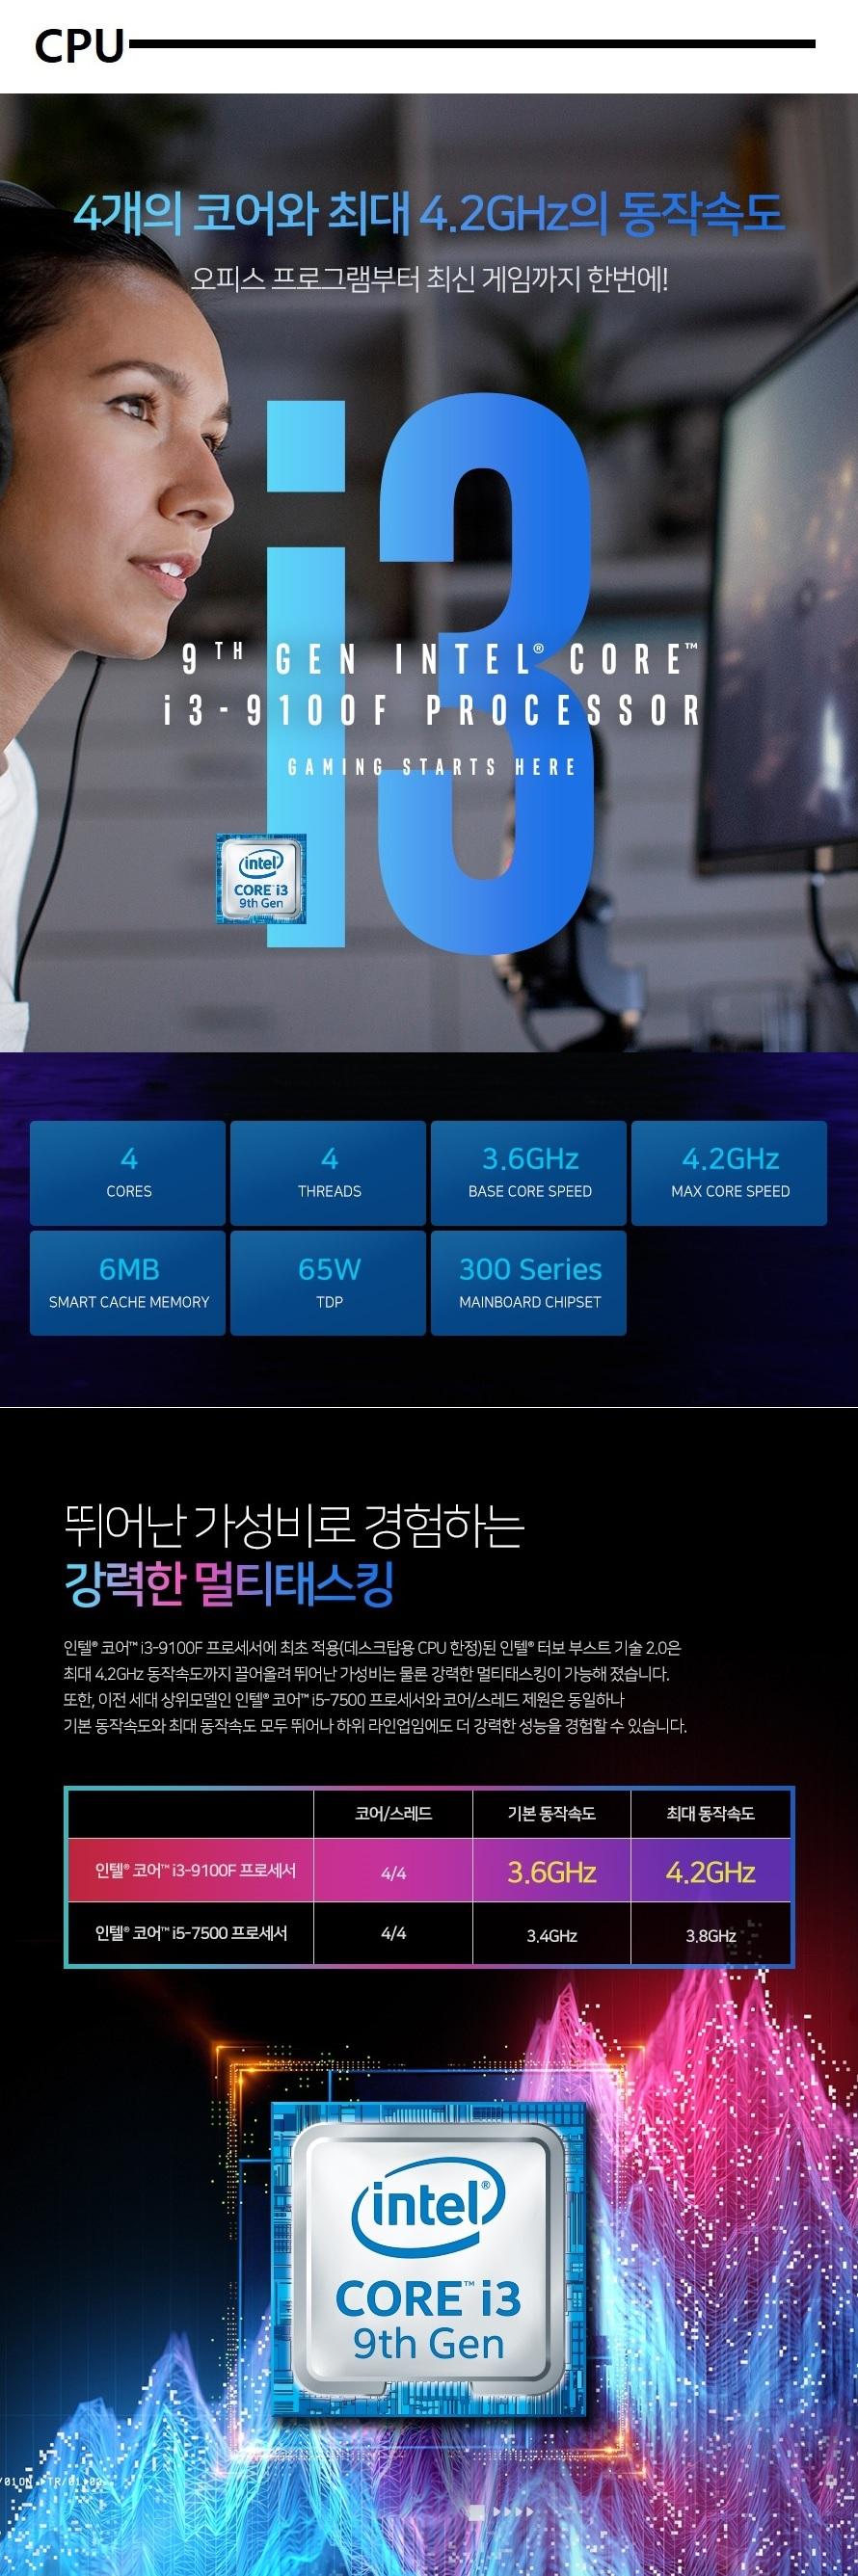 [인텔] 커피레이크-R i3-9100F [3.6GHz/4C4T] 터보4.2GHz 정품